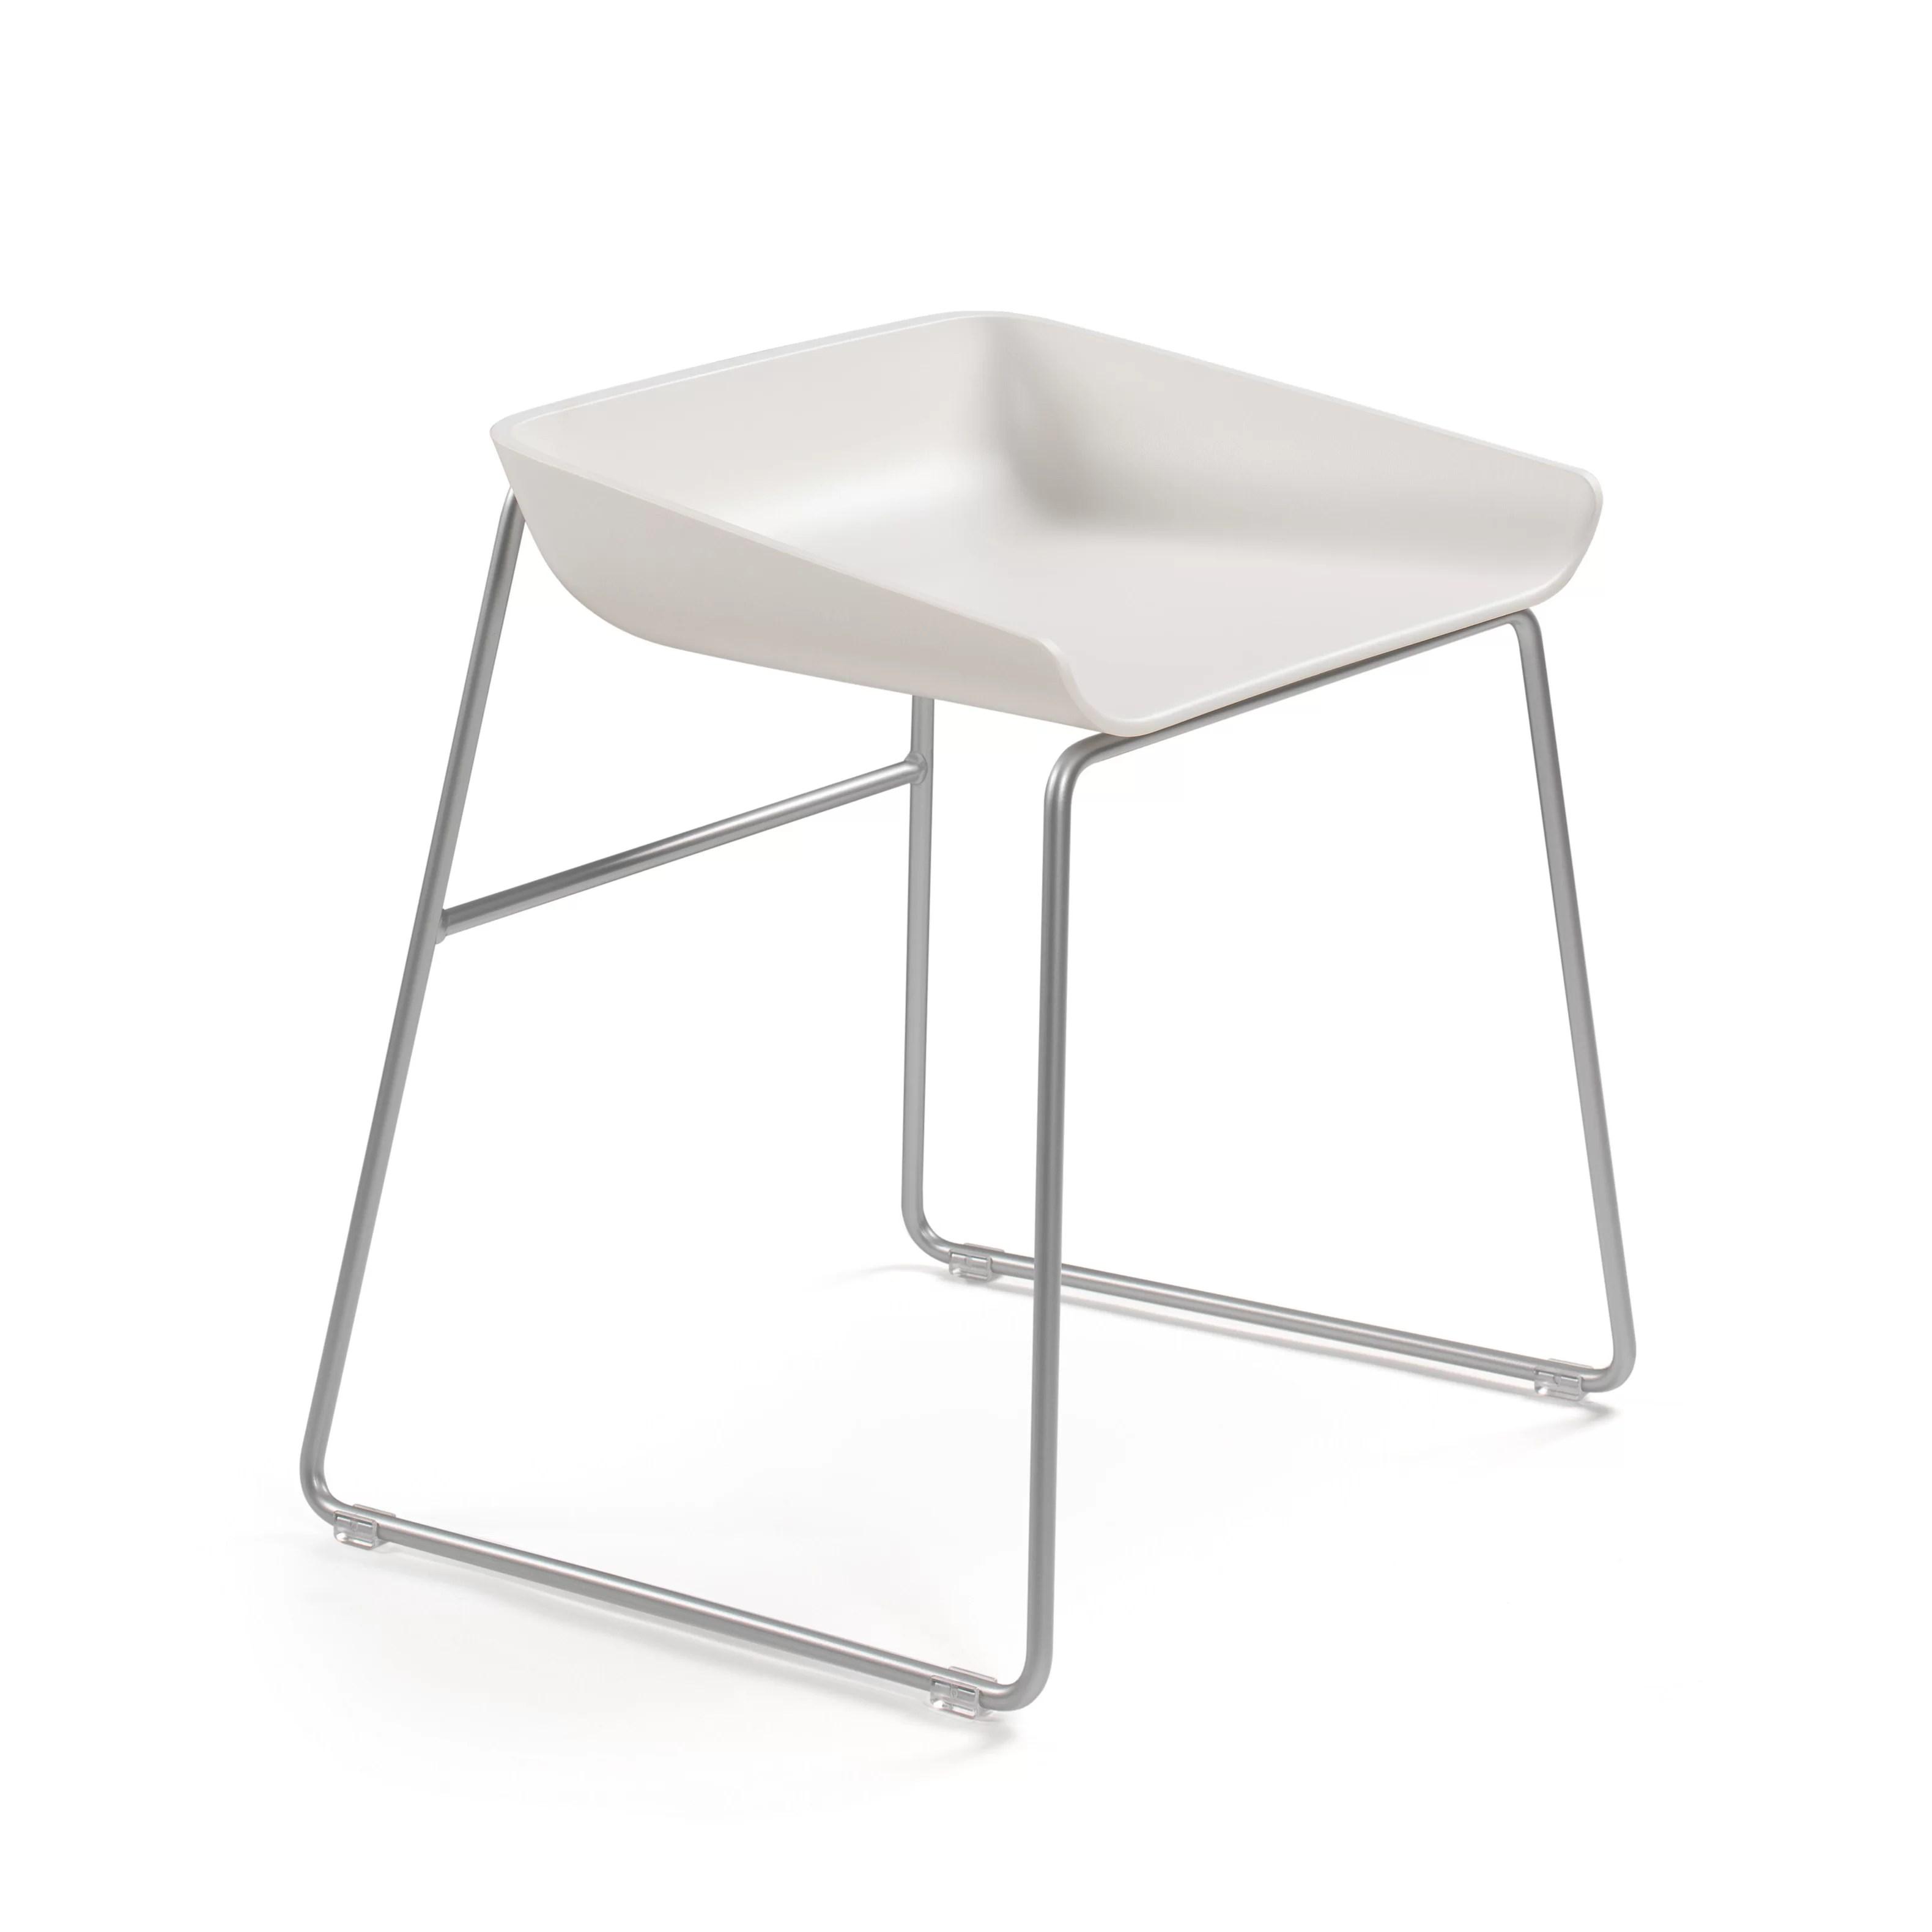 Steelcase Scoop Side Chair  Reviews  Wayfair